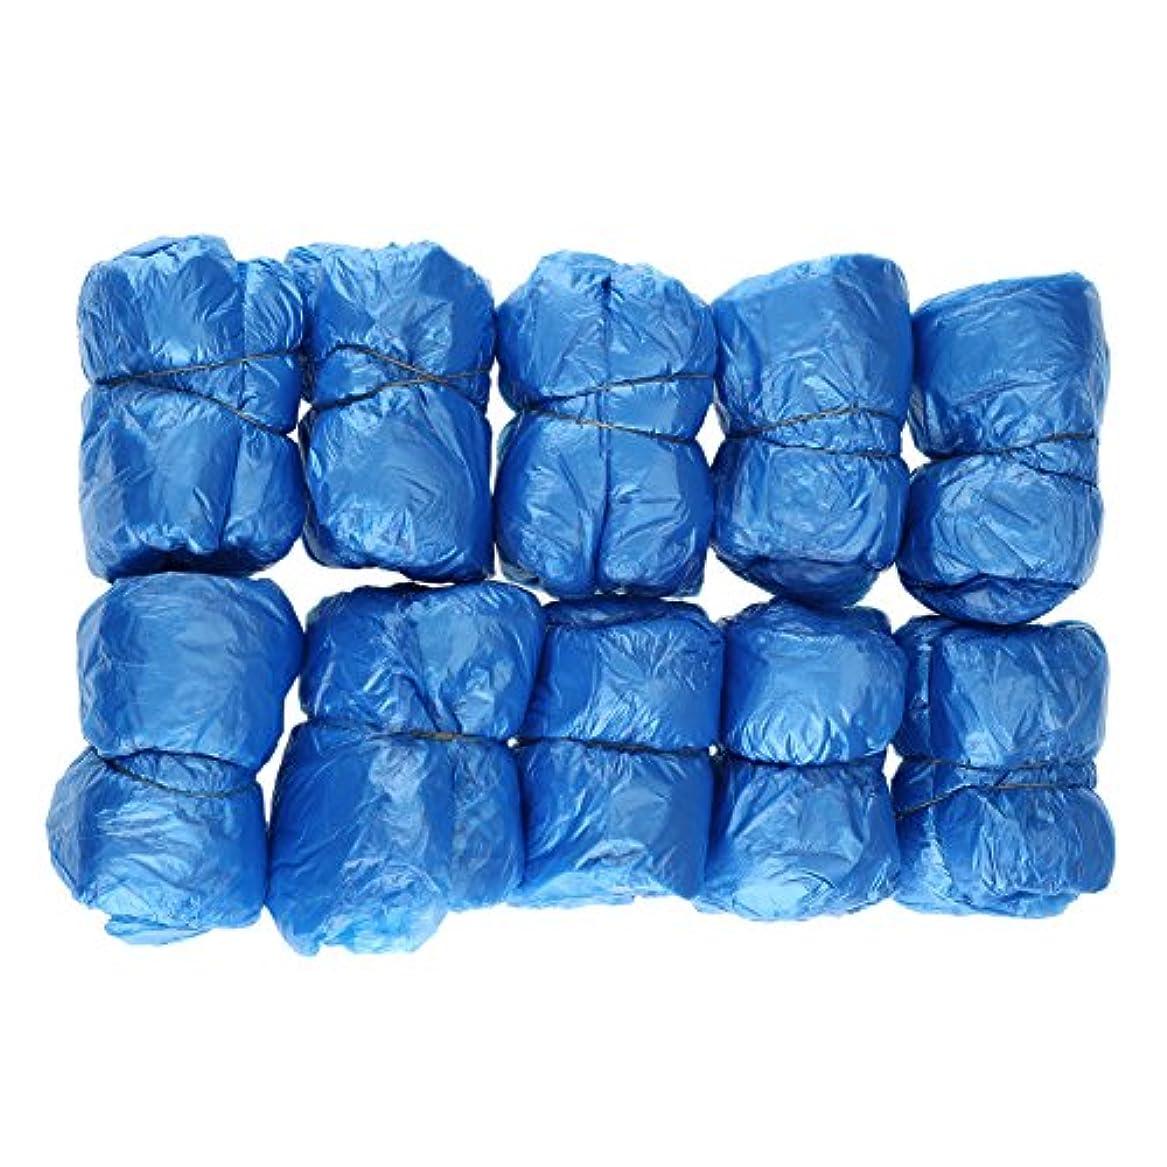 レベル召集する謎めいた100枚入 使い捨て靴カバー シューズカバー 靴カバー サイズフリー簡単 便利 衛生 家庭用品 ブルー